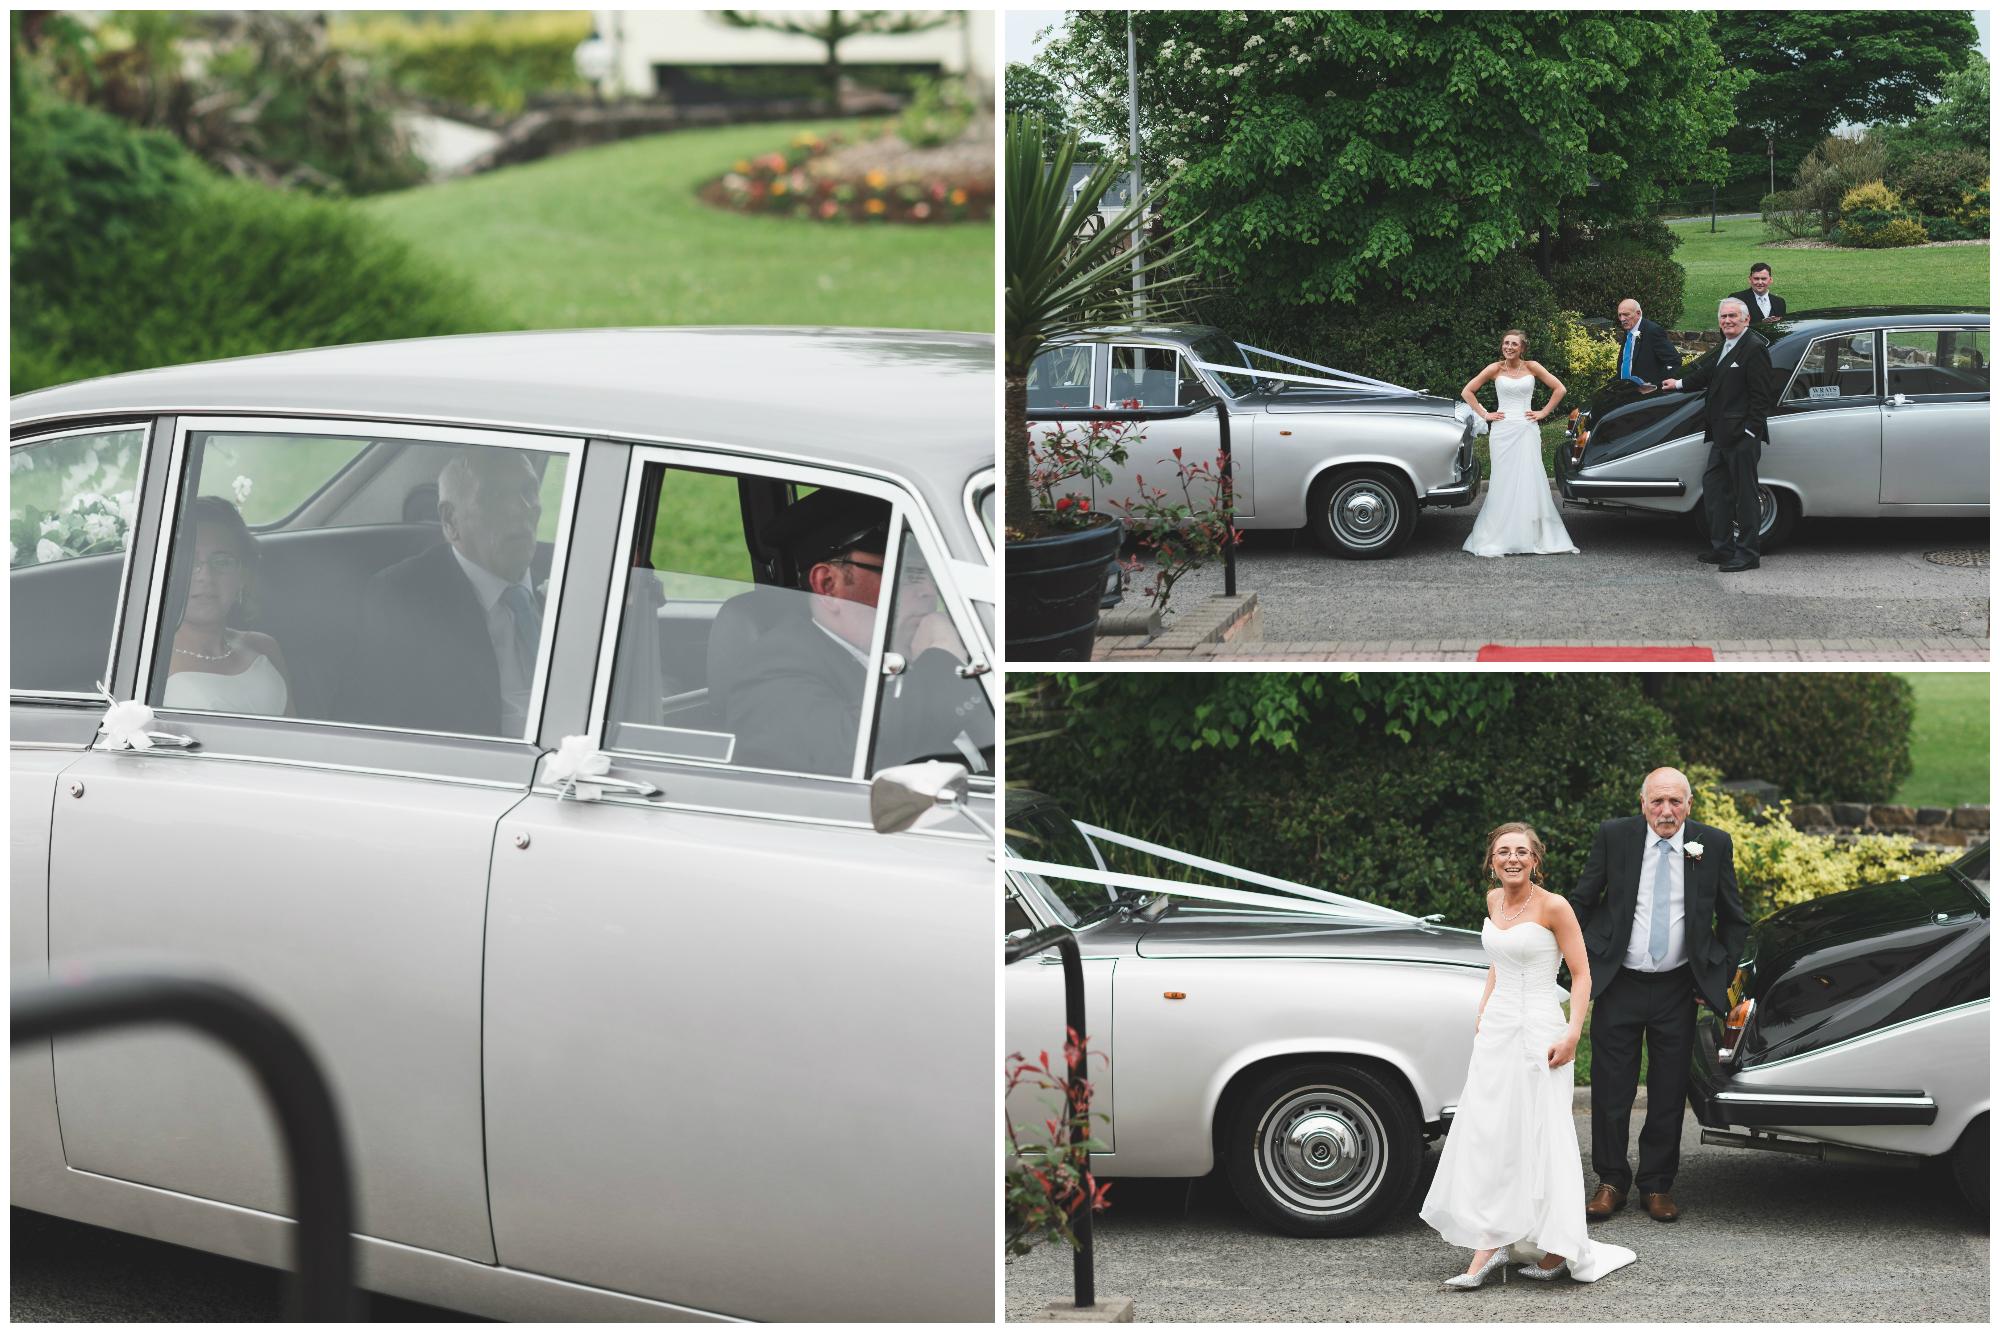 Ballymac_hotel_wedding_lisburn_bride_father_arrival